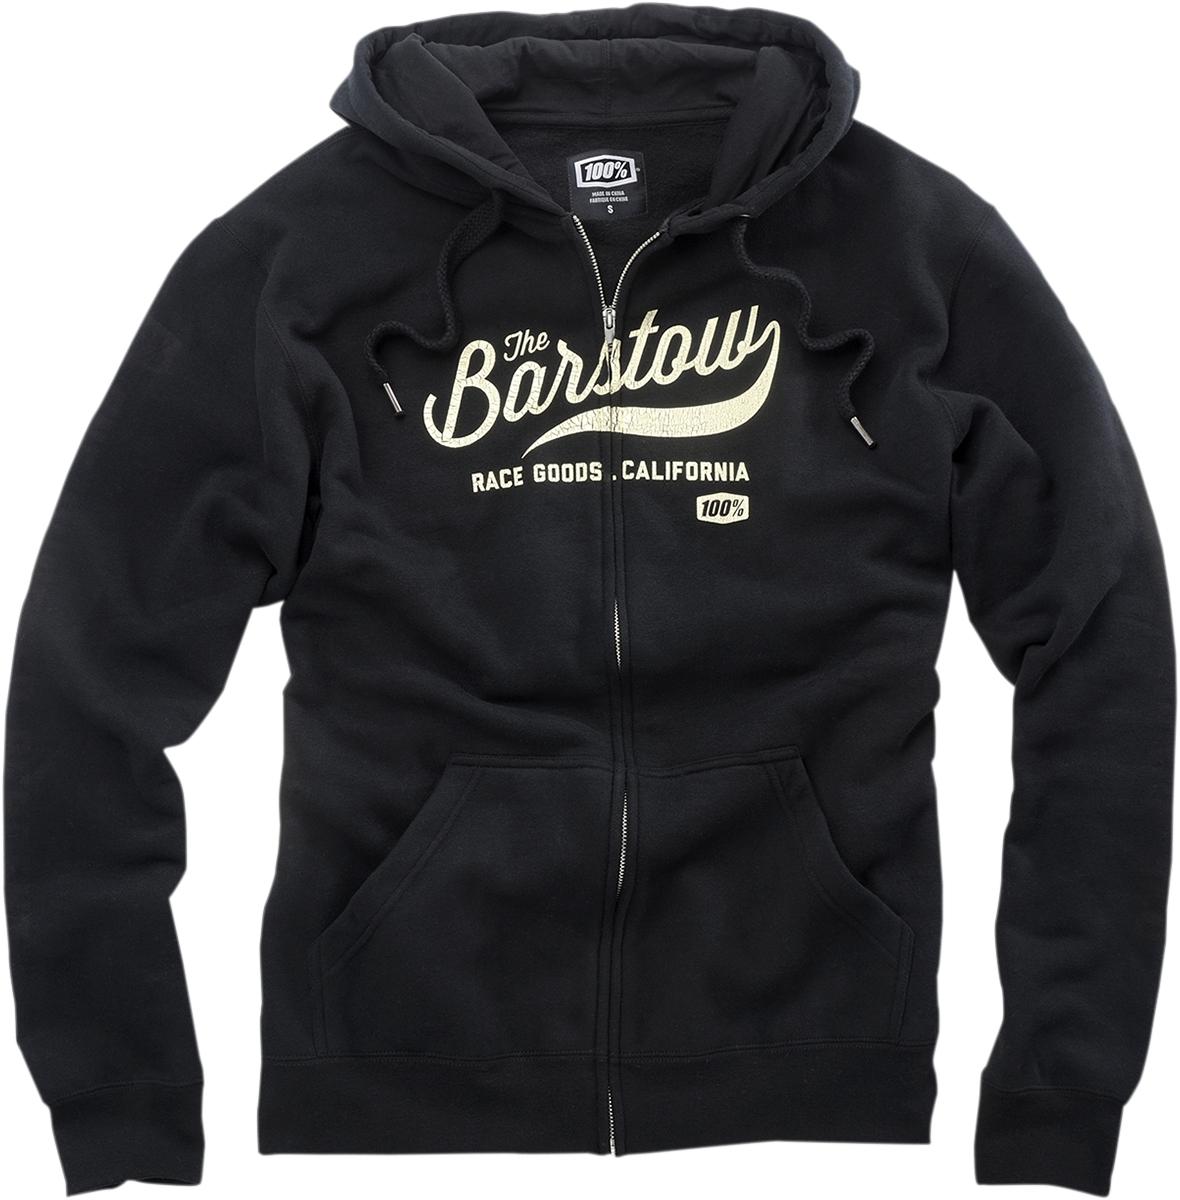 100% Barstow Zip Fleece